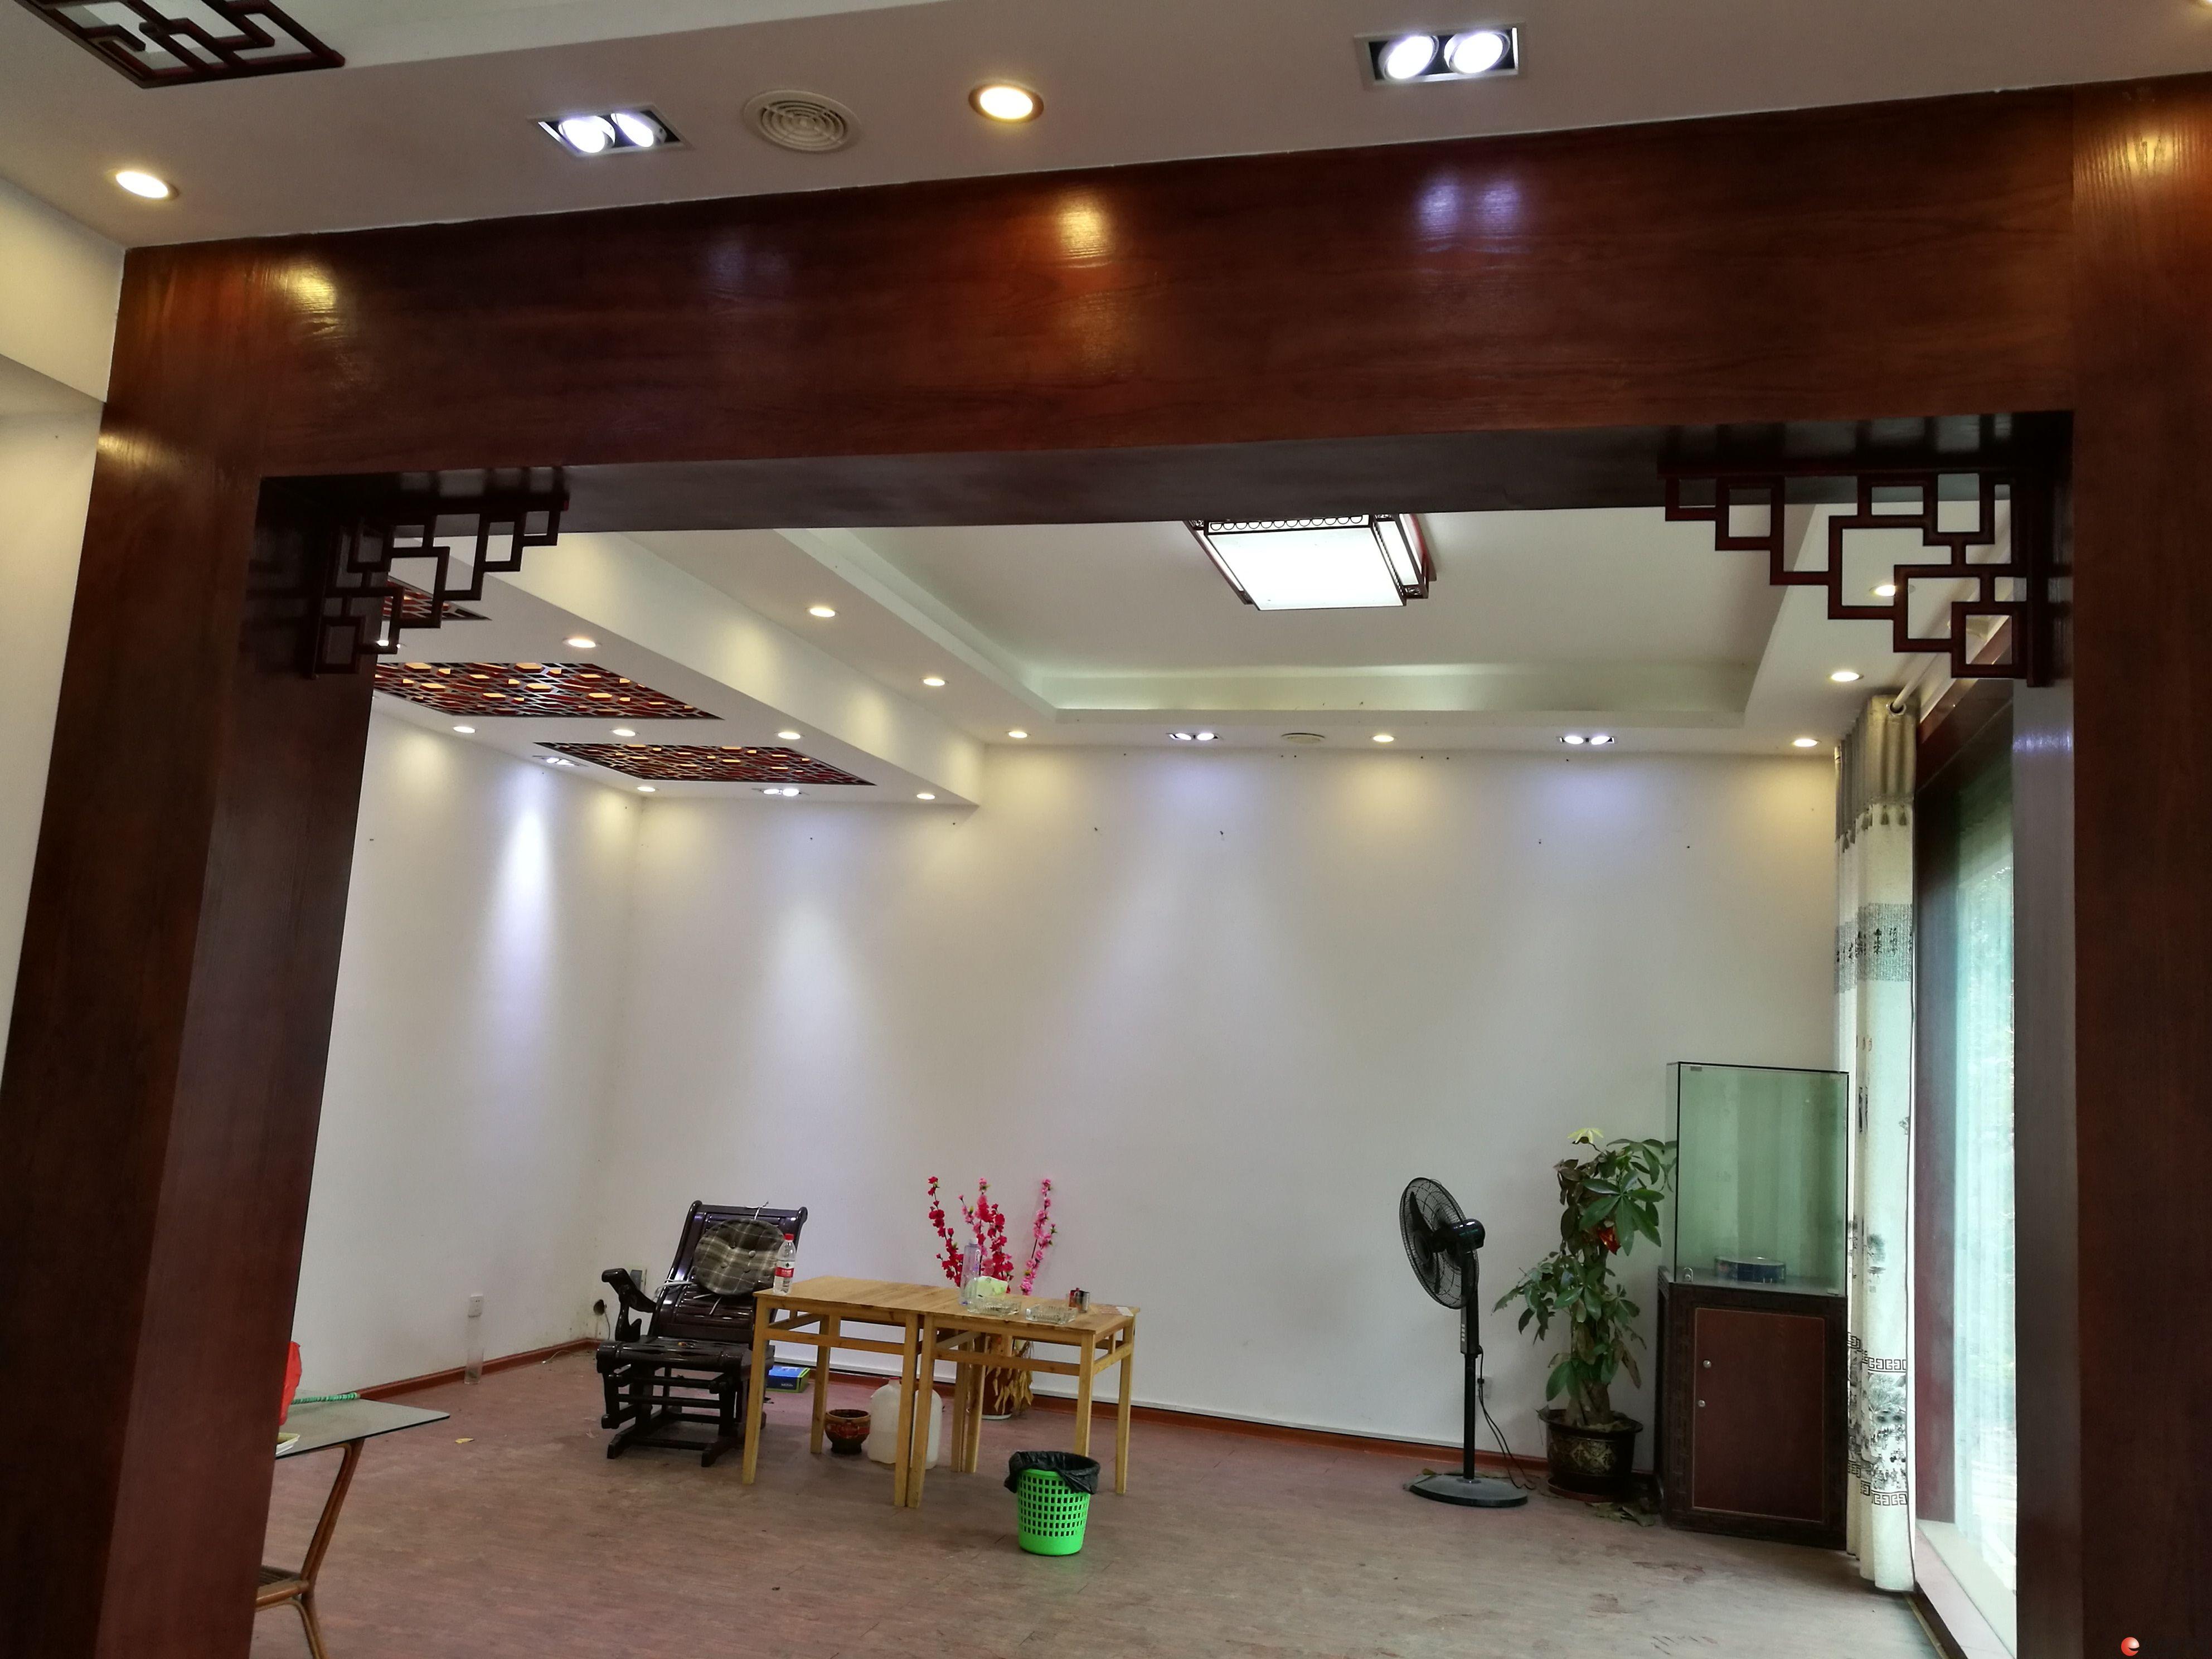 桂林叠彩区春江苑 别墅5室3厅 400平米 精装修